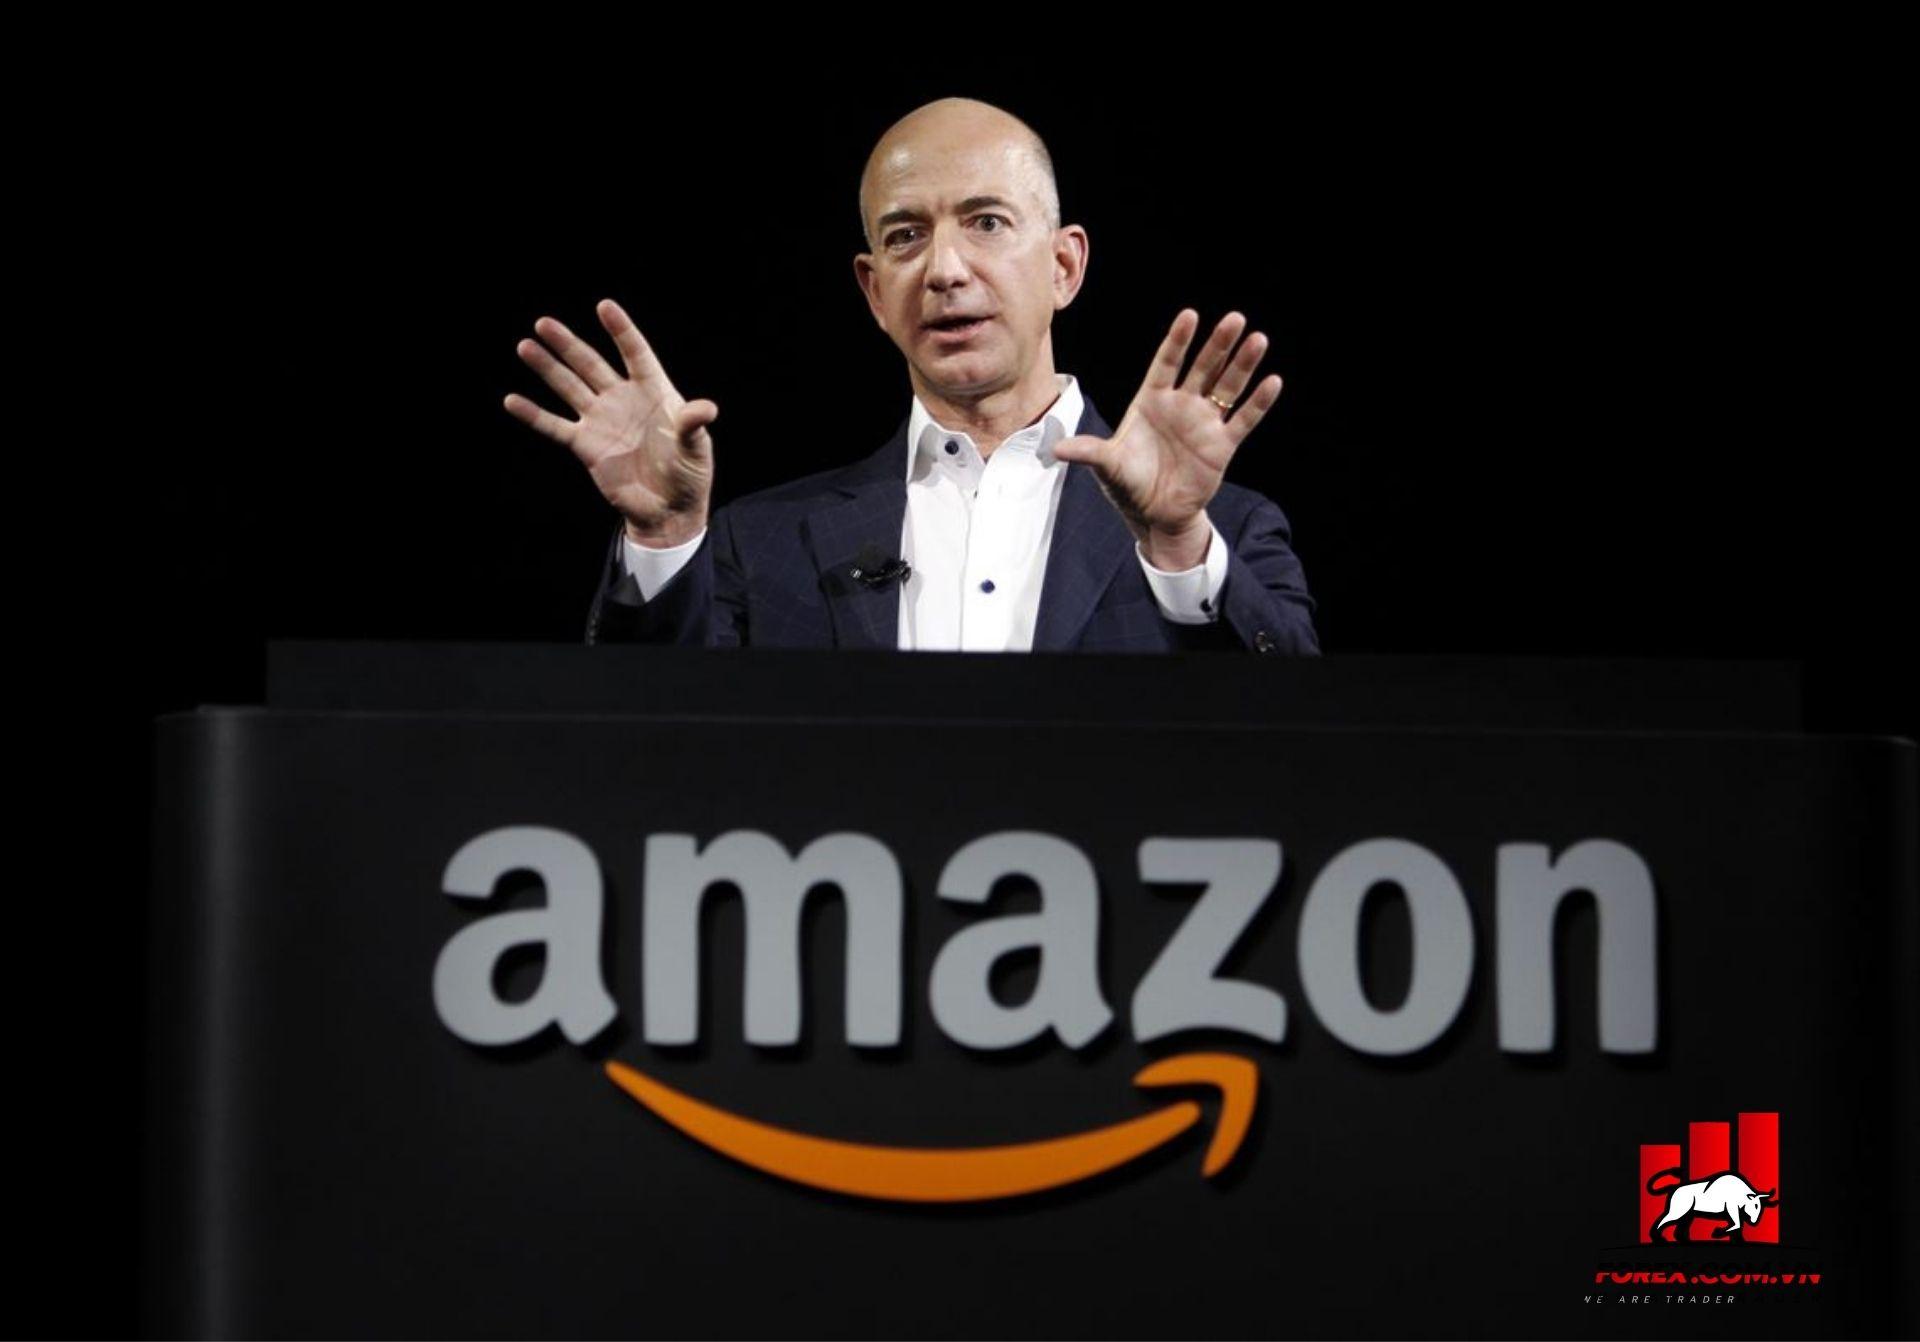 nhà sáng lập kiêm Giám đốc điều hành Amazon - Jeff Bezos